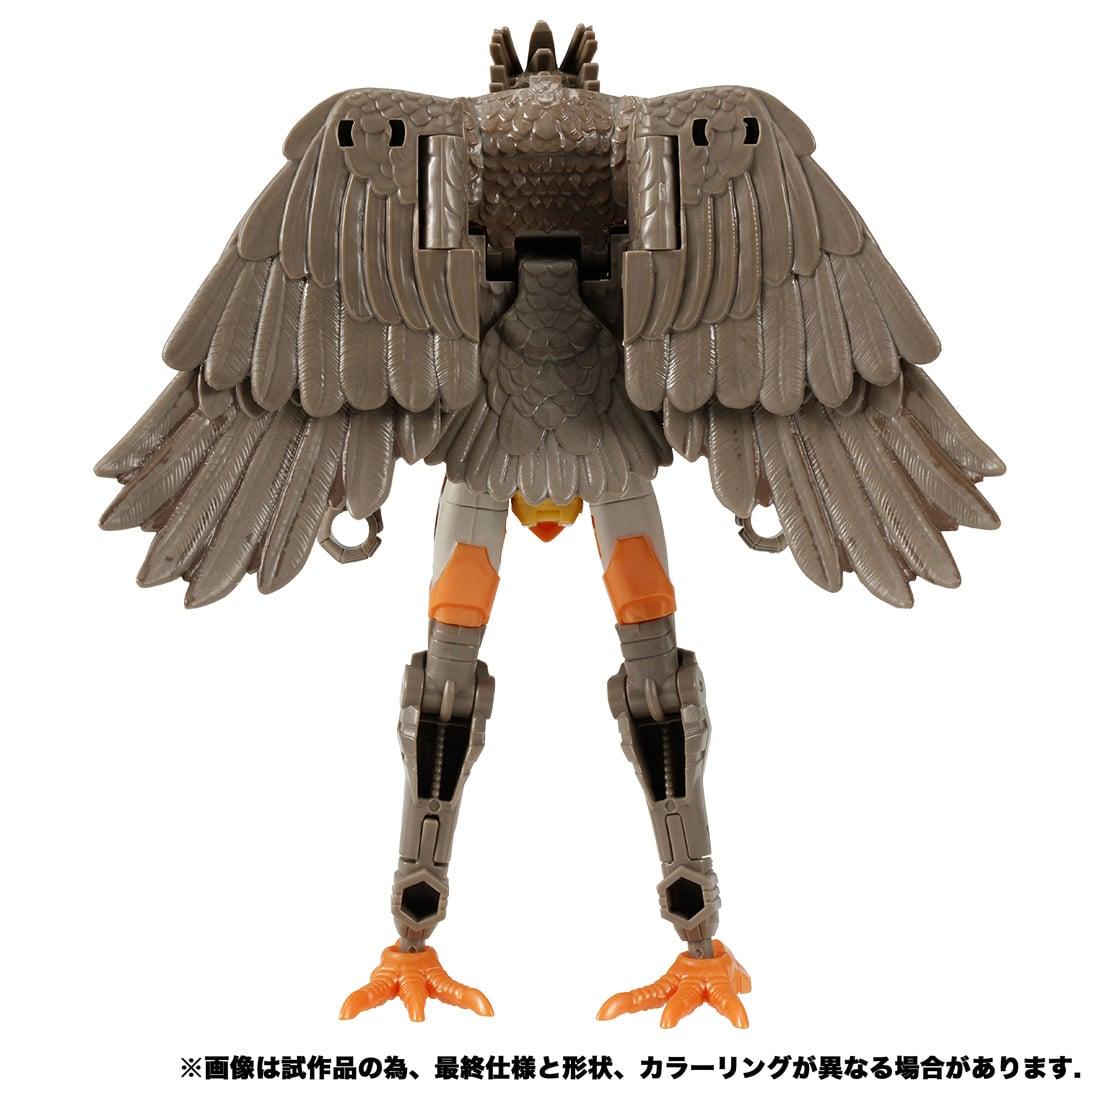 トランスフォーマー キングダム『KD-09 エアラザー』可変可動フィギュア-002